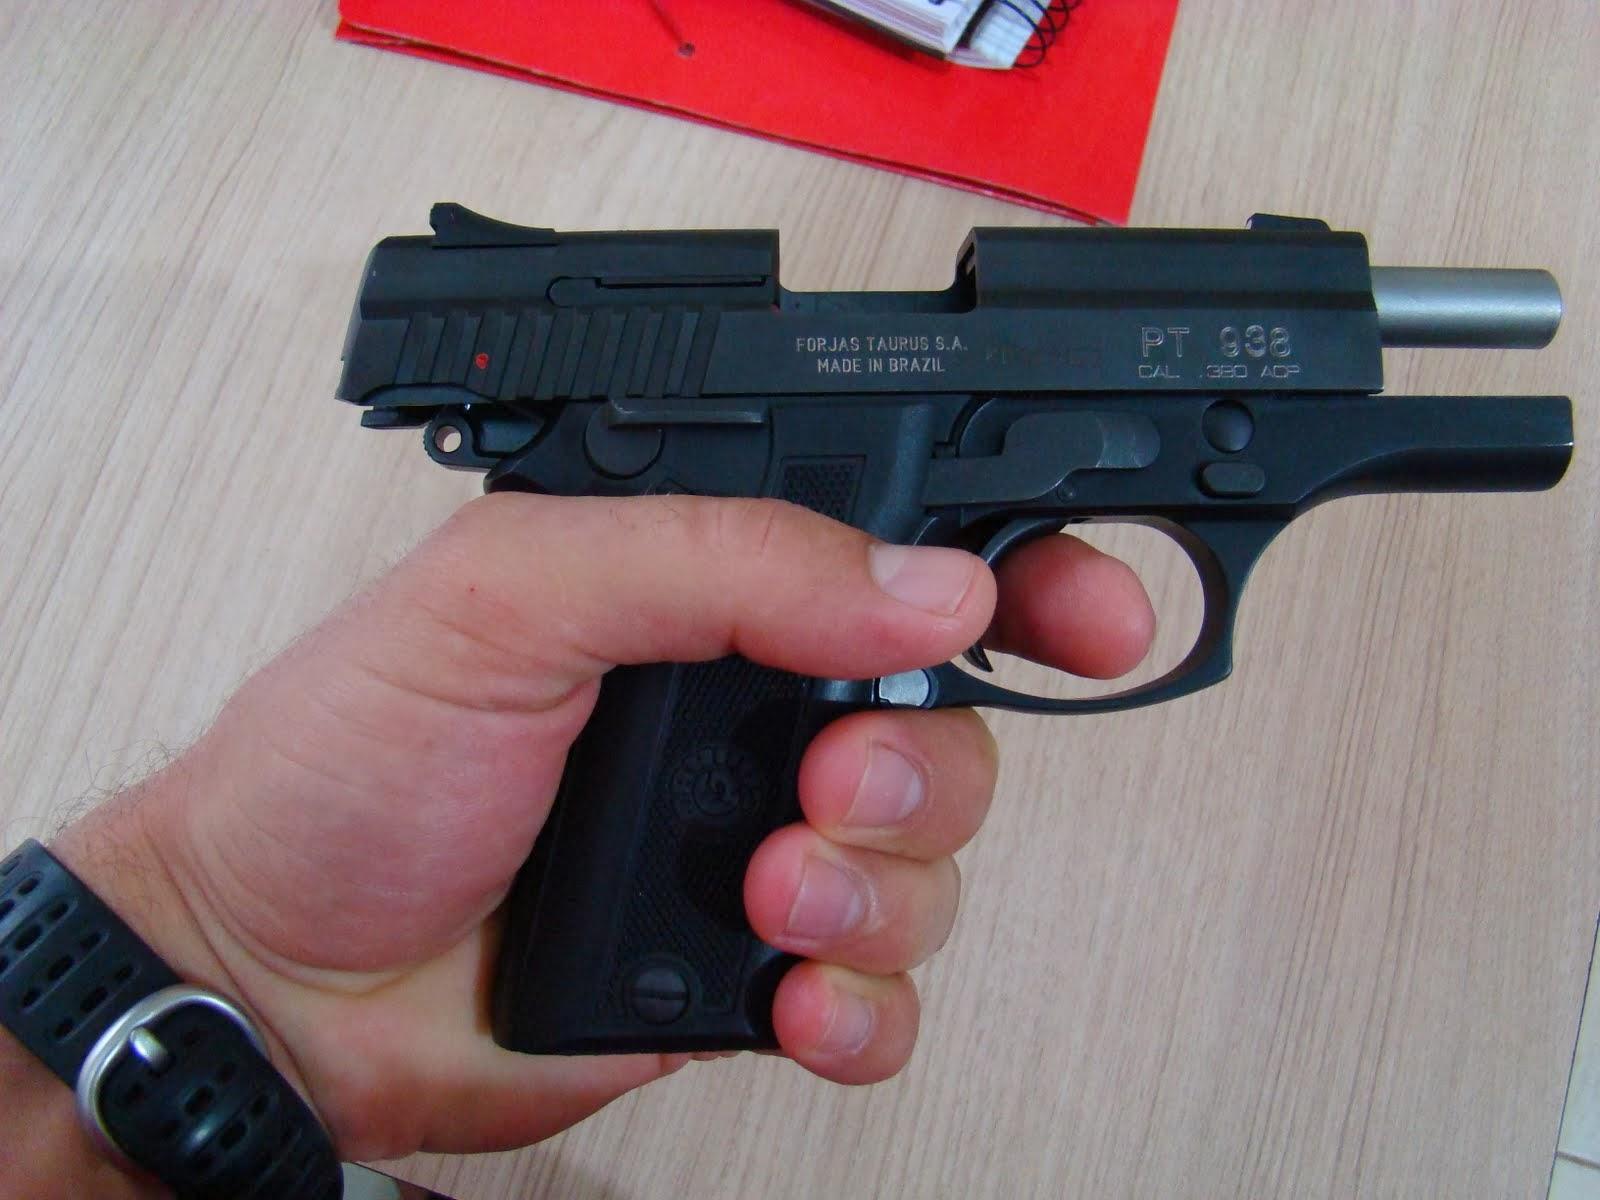 que vai garantir o uso de pistolas calibre .380 por cerca de 60 guardas municipais, voltará à pauta de discussões em segundo turno no dia 6 de março, após o prazo mínimo de dez dias, conforme previsto em lei.